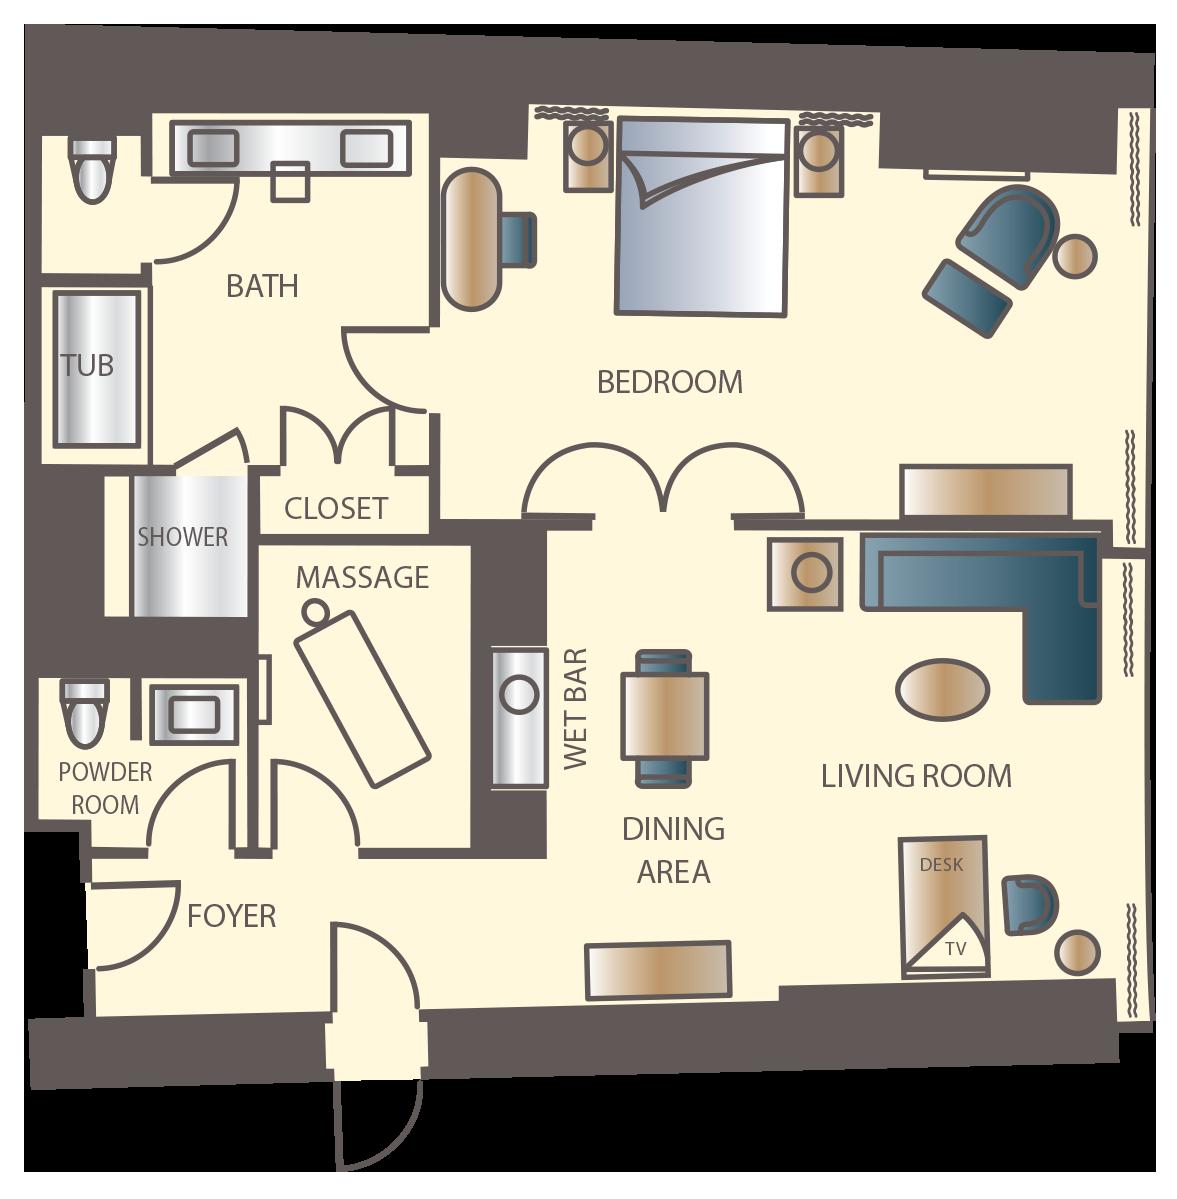 Encore Parlor Suite Floorplan Hotel Suite Luxury Hotel Suite Floor Plan Wynn Las Vegas Rooms